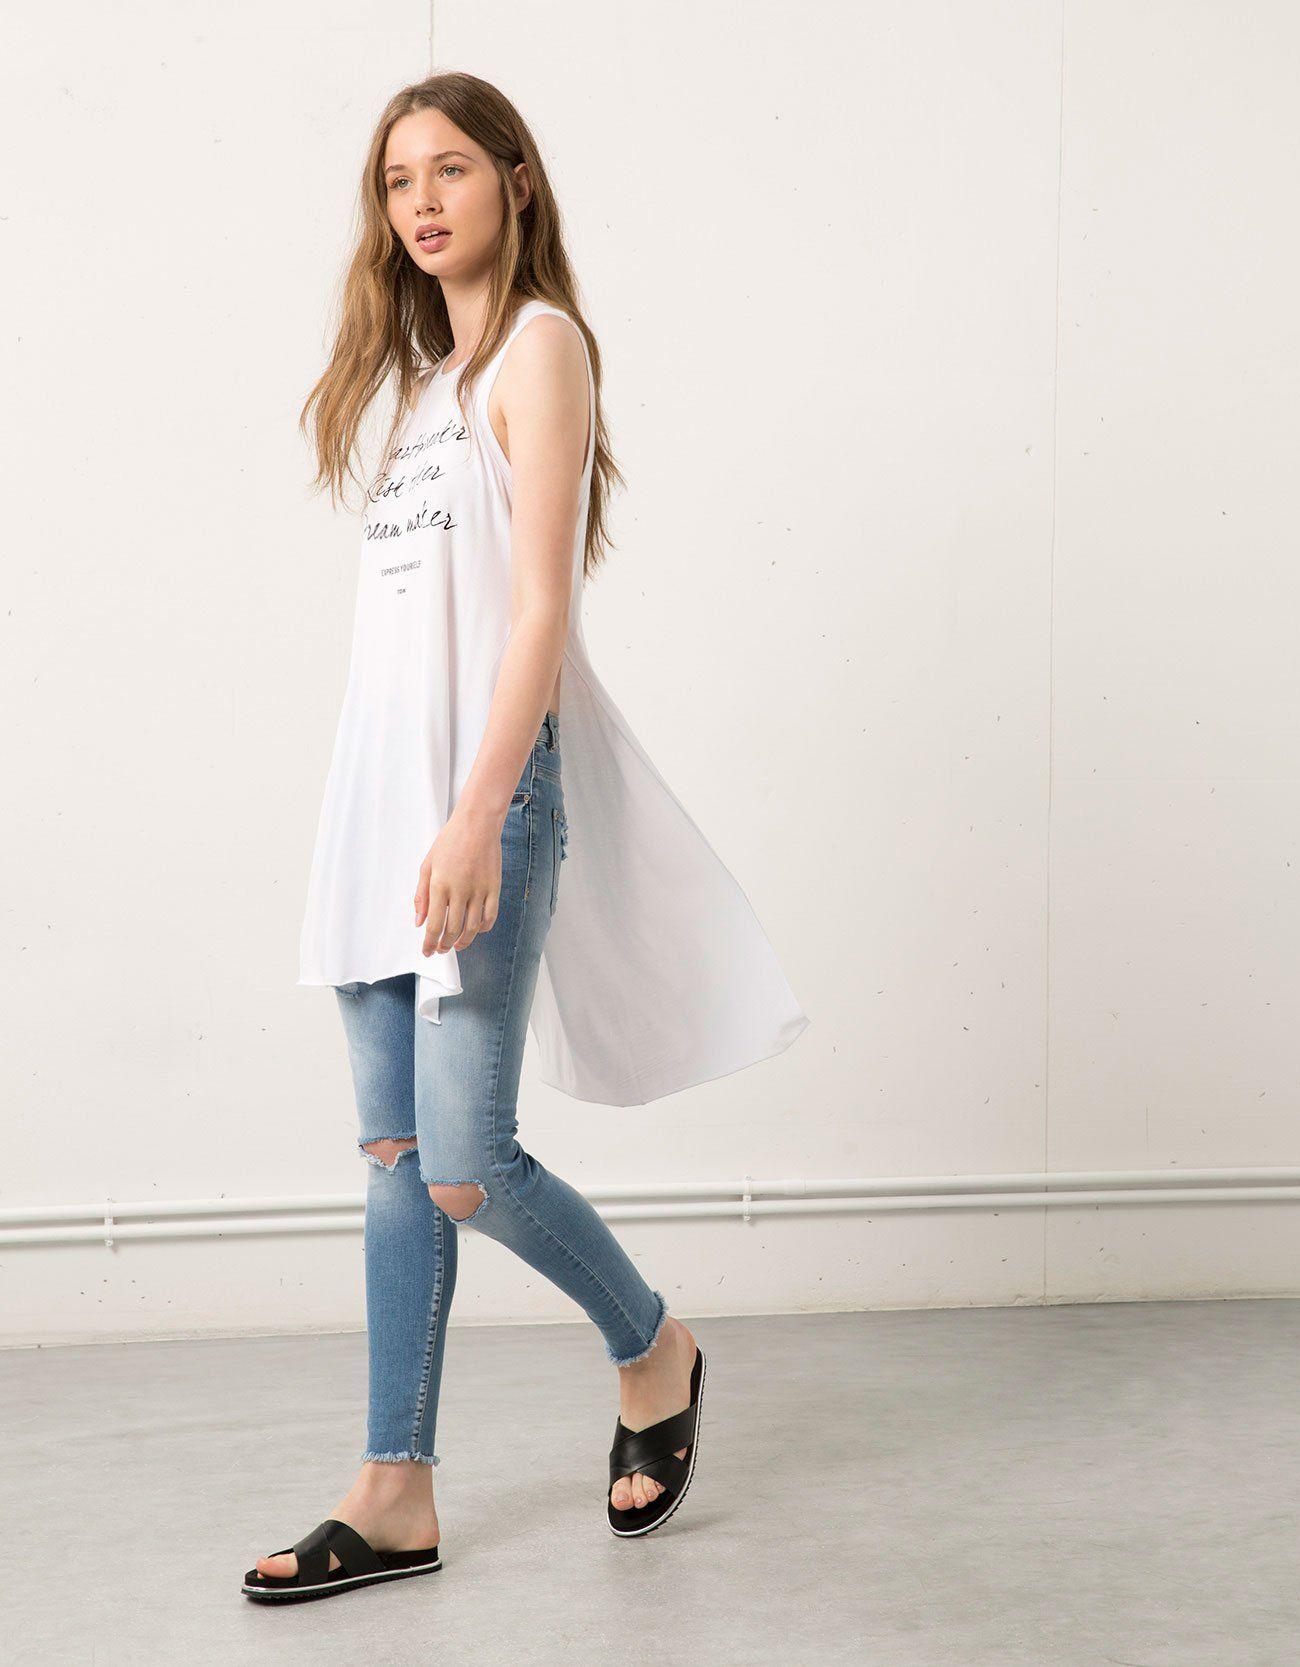 e19cc1d9b5b6 Camiseta larga mujer | BLUSONES | Bershka, Blusones largos de moda y ...